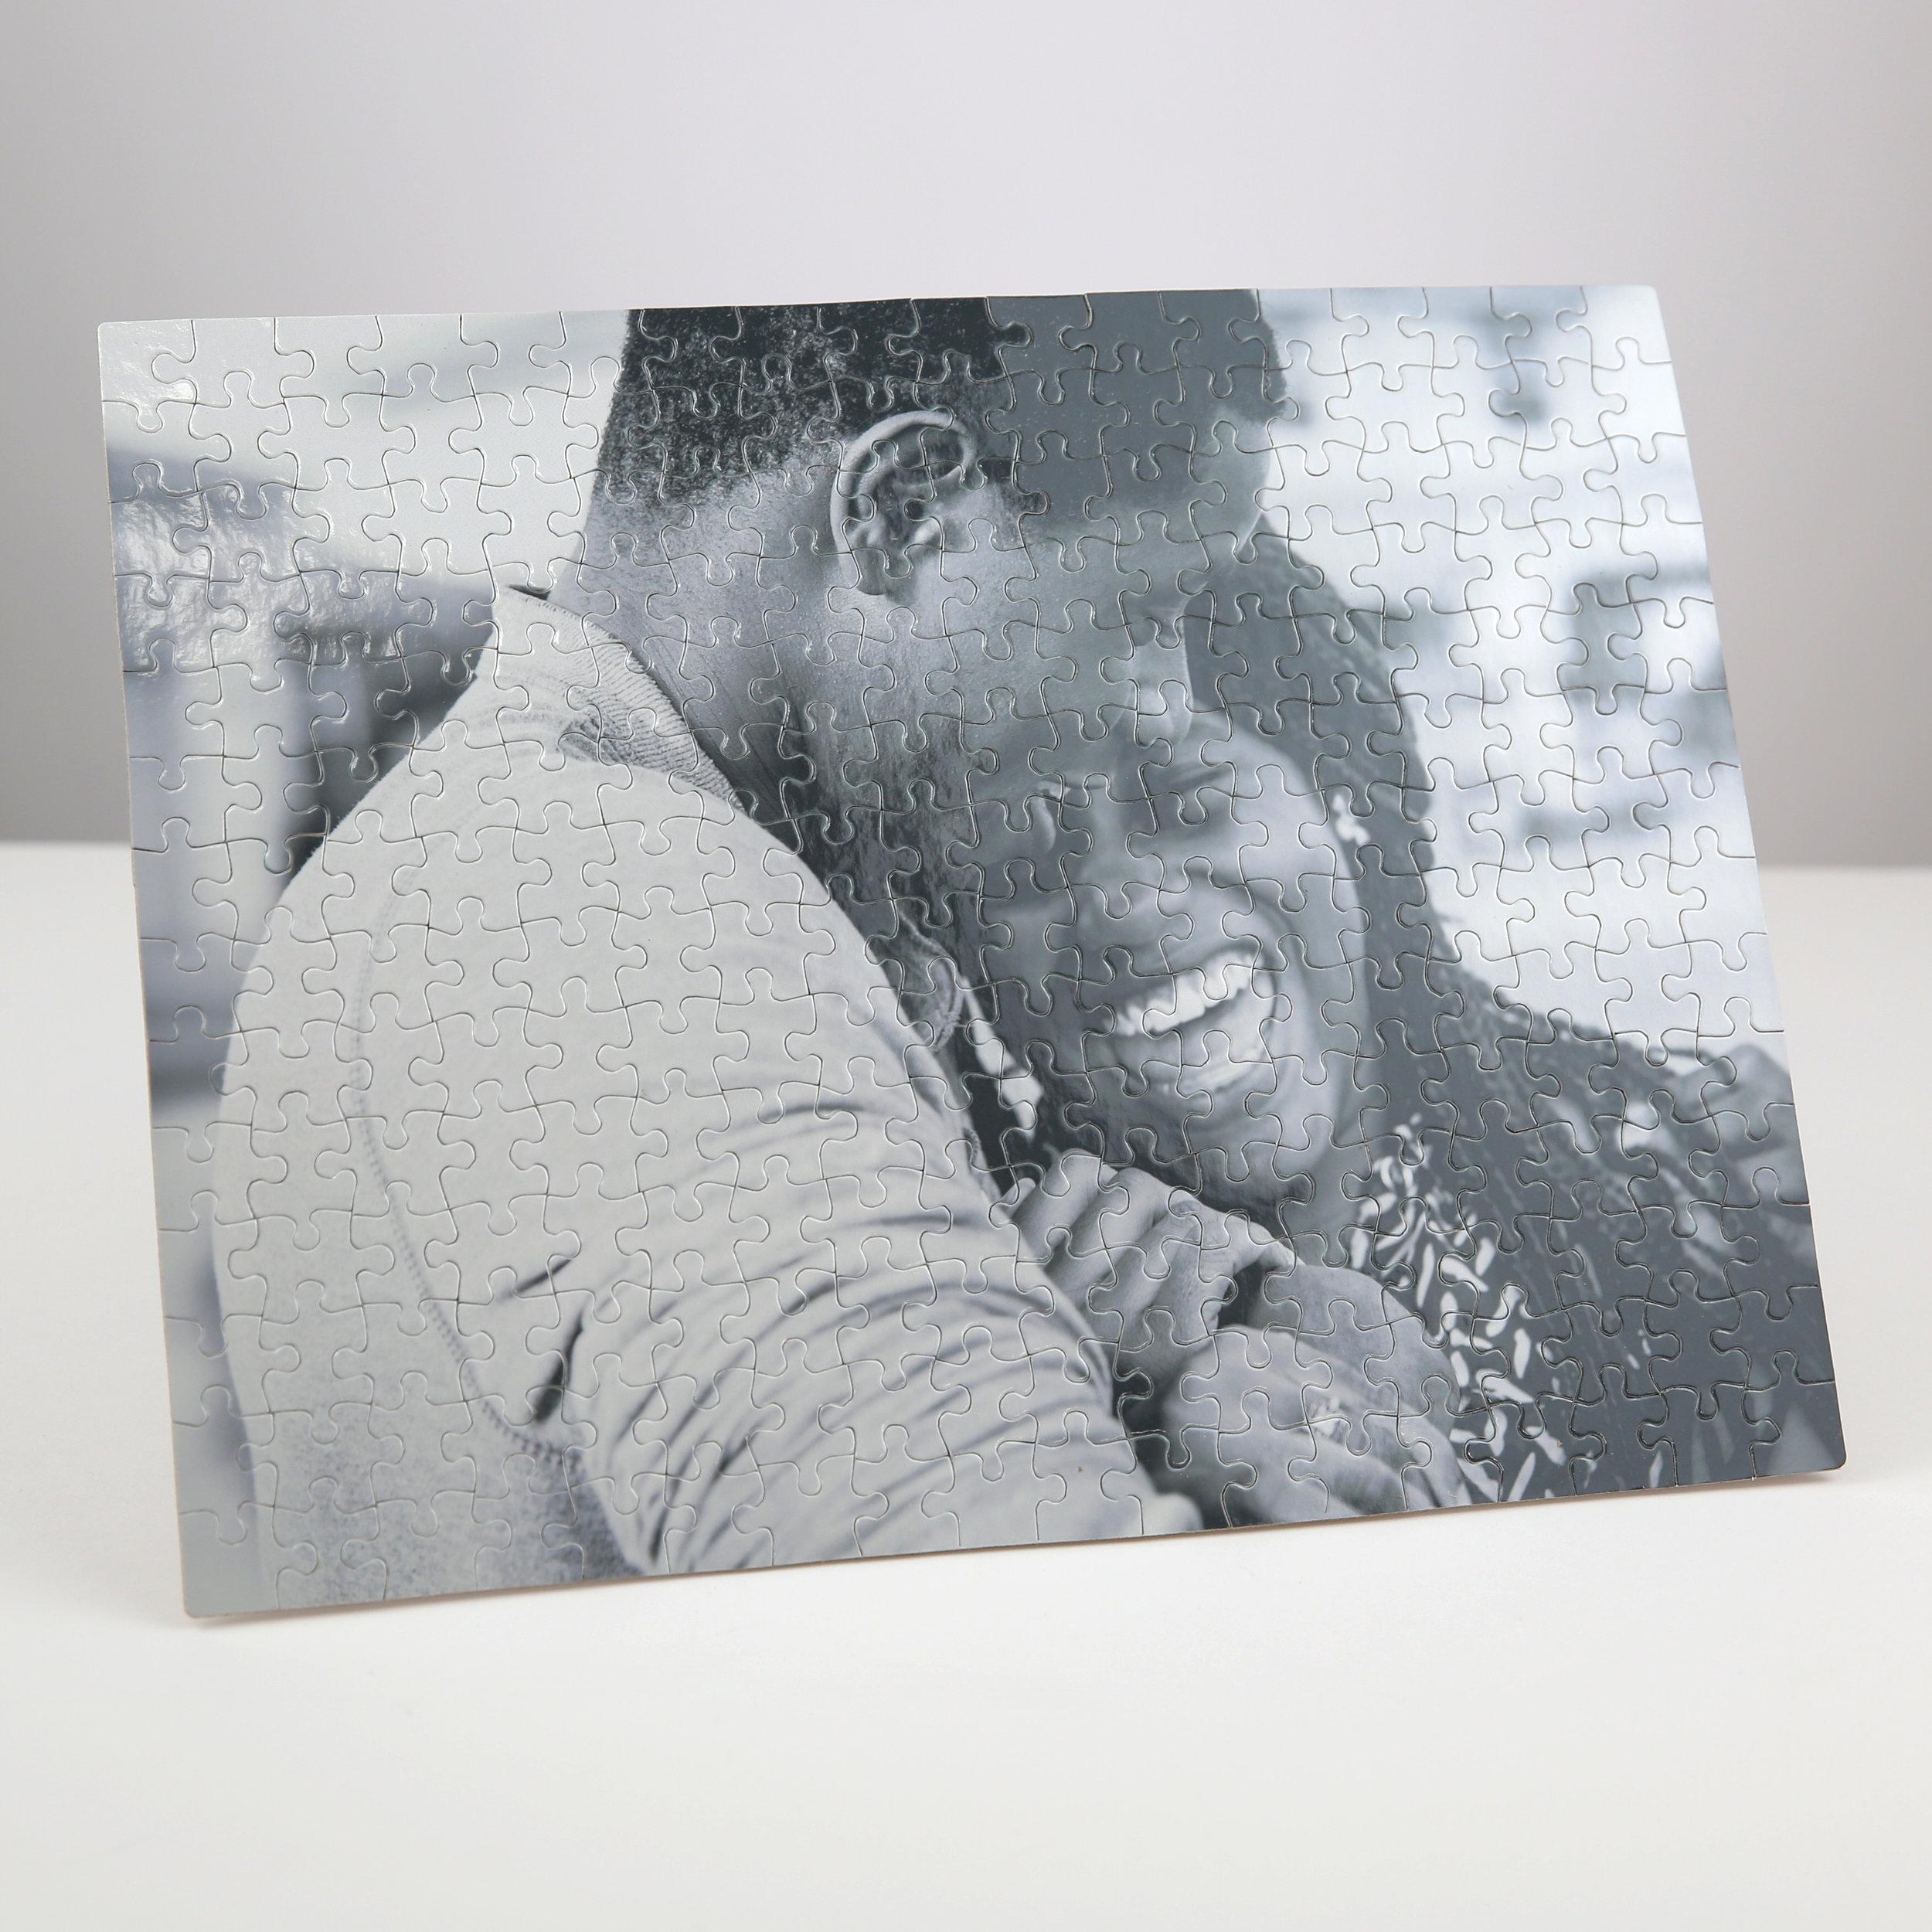 valentines_day_photo_gift_ideas_9.jpg